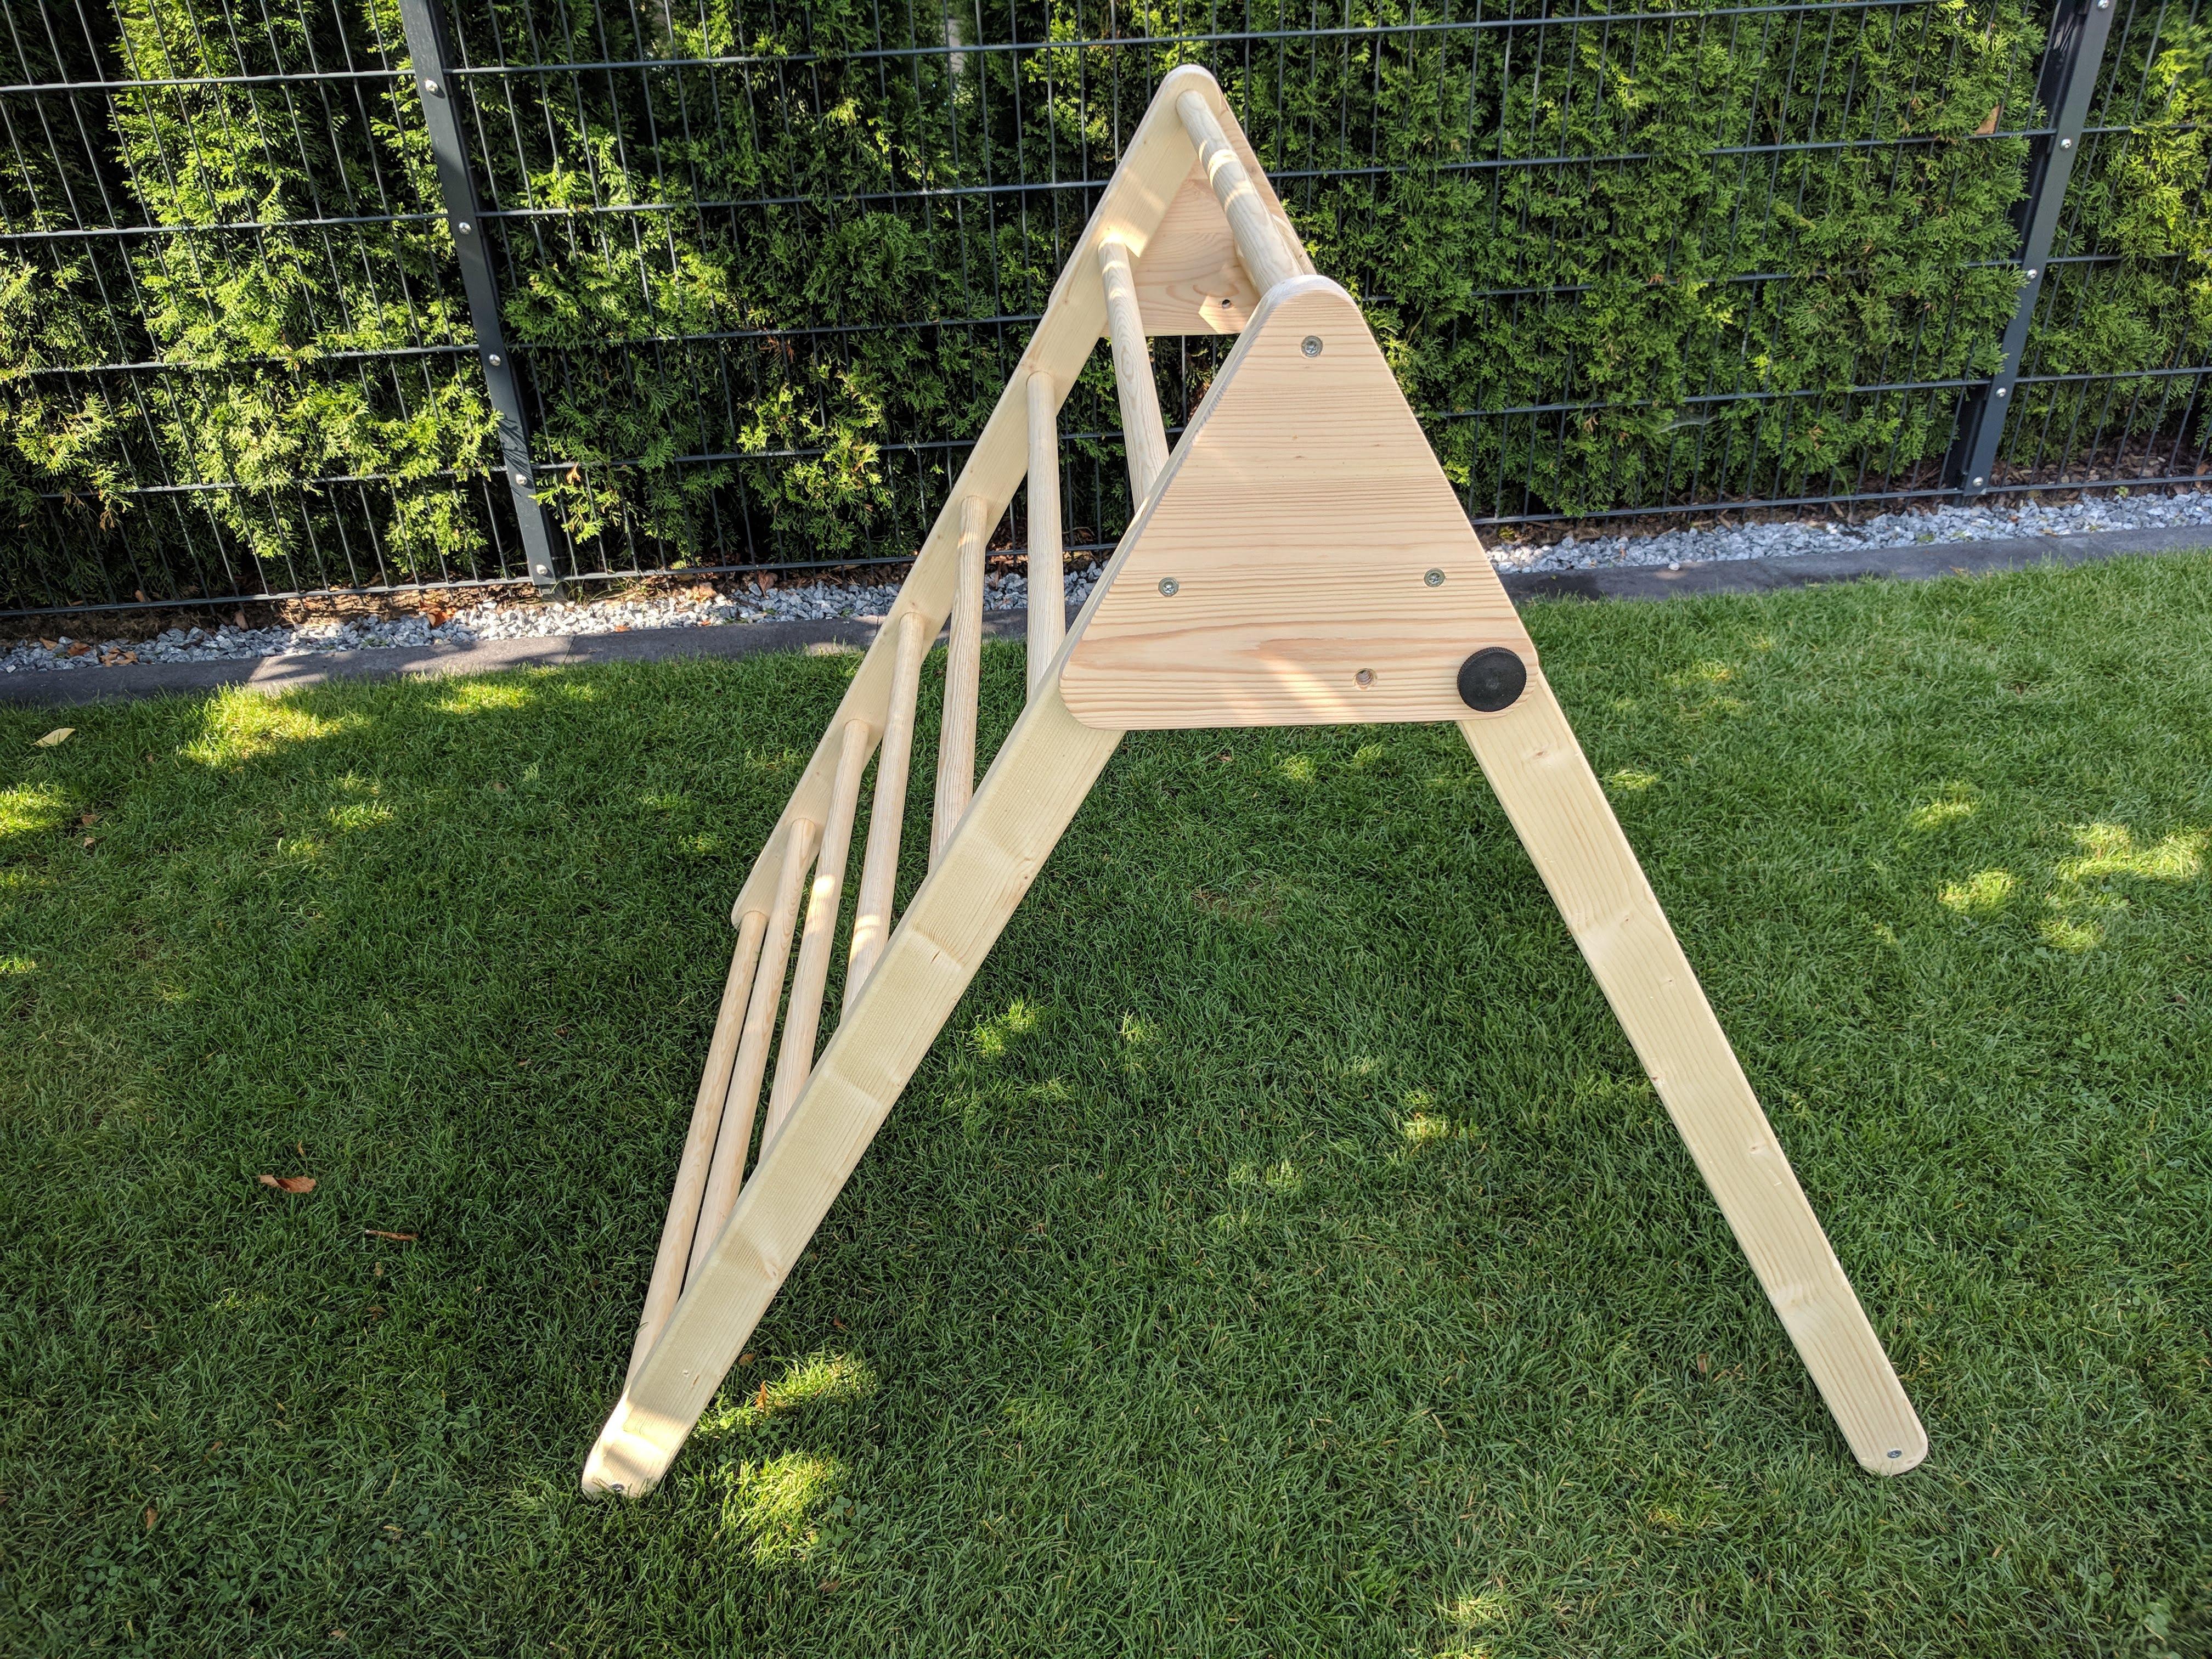 Klettergerüst Holz Selber Bauen : Klettergerüst holz selber bauen kletterkombinationen und